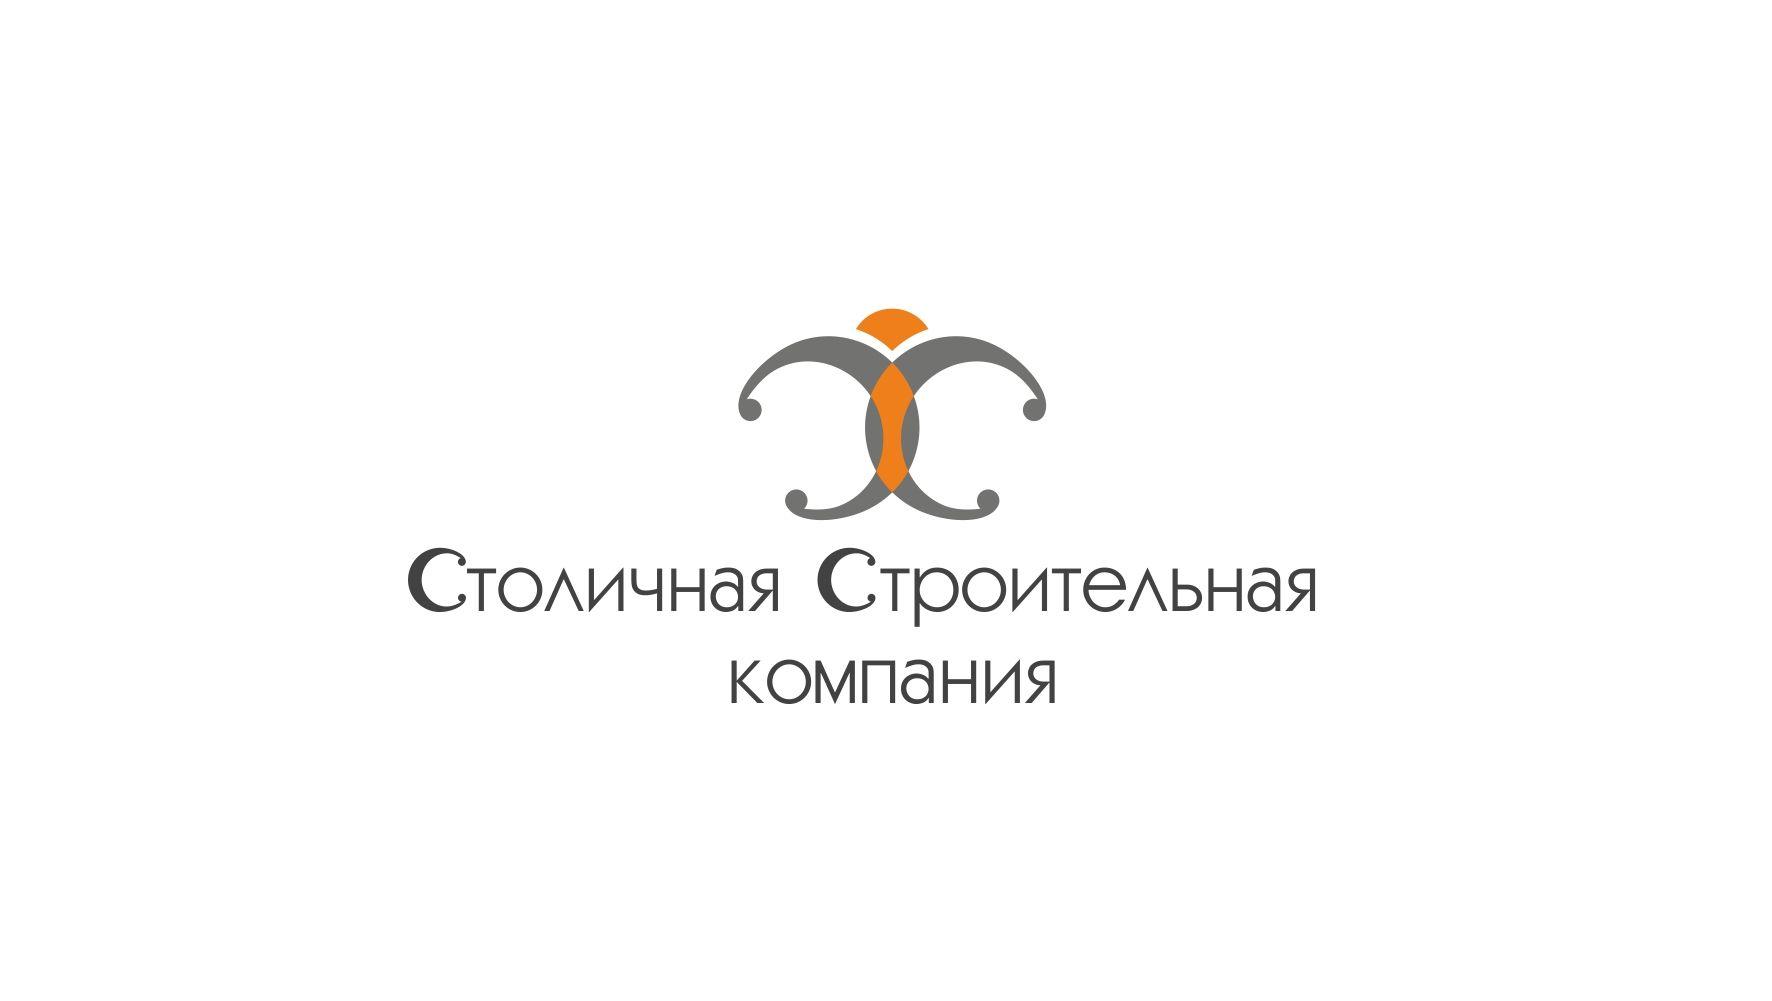 Лого и Фирменный стиль - дизайнер Bes55ter